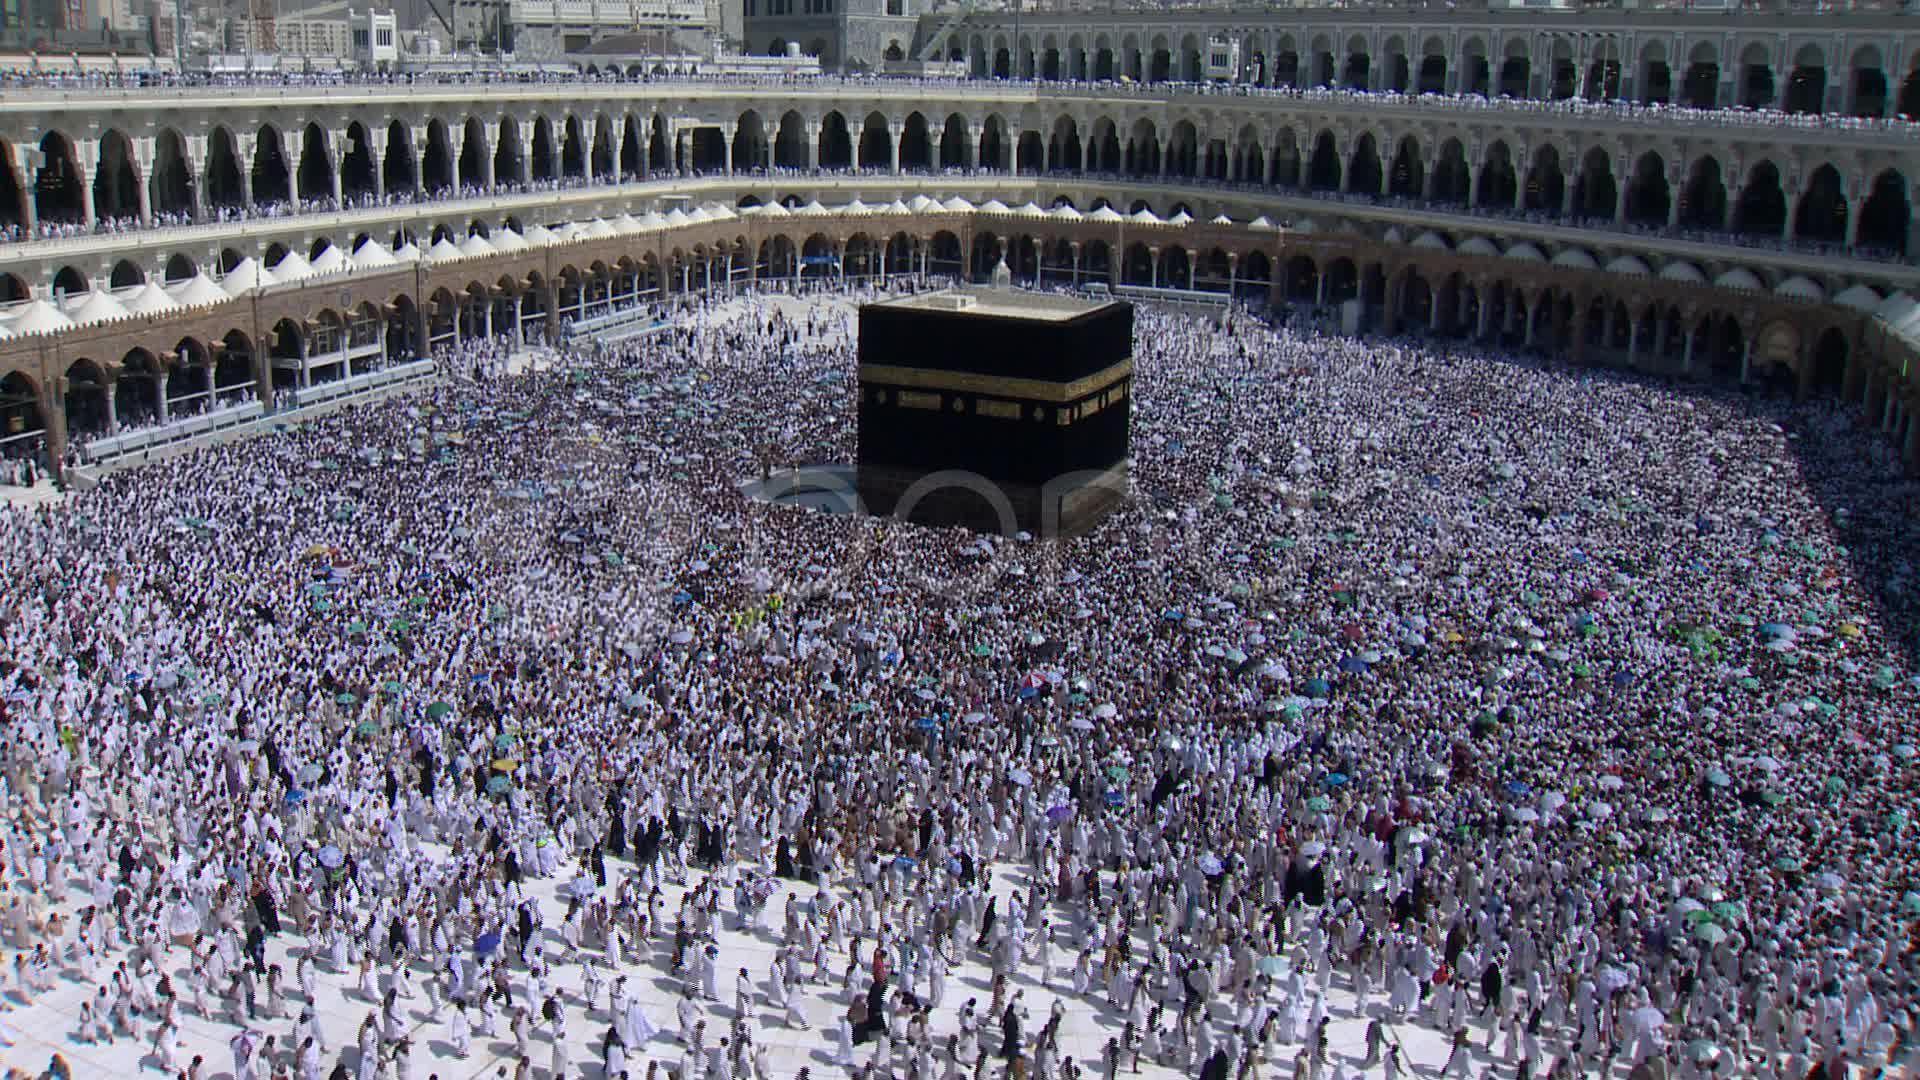 6kaaba Makkah Hajj Muslims Stock Footage Hajj Makkah Kaaba Footage Makkah Stock Footage Muslim